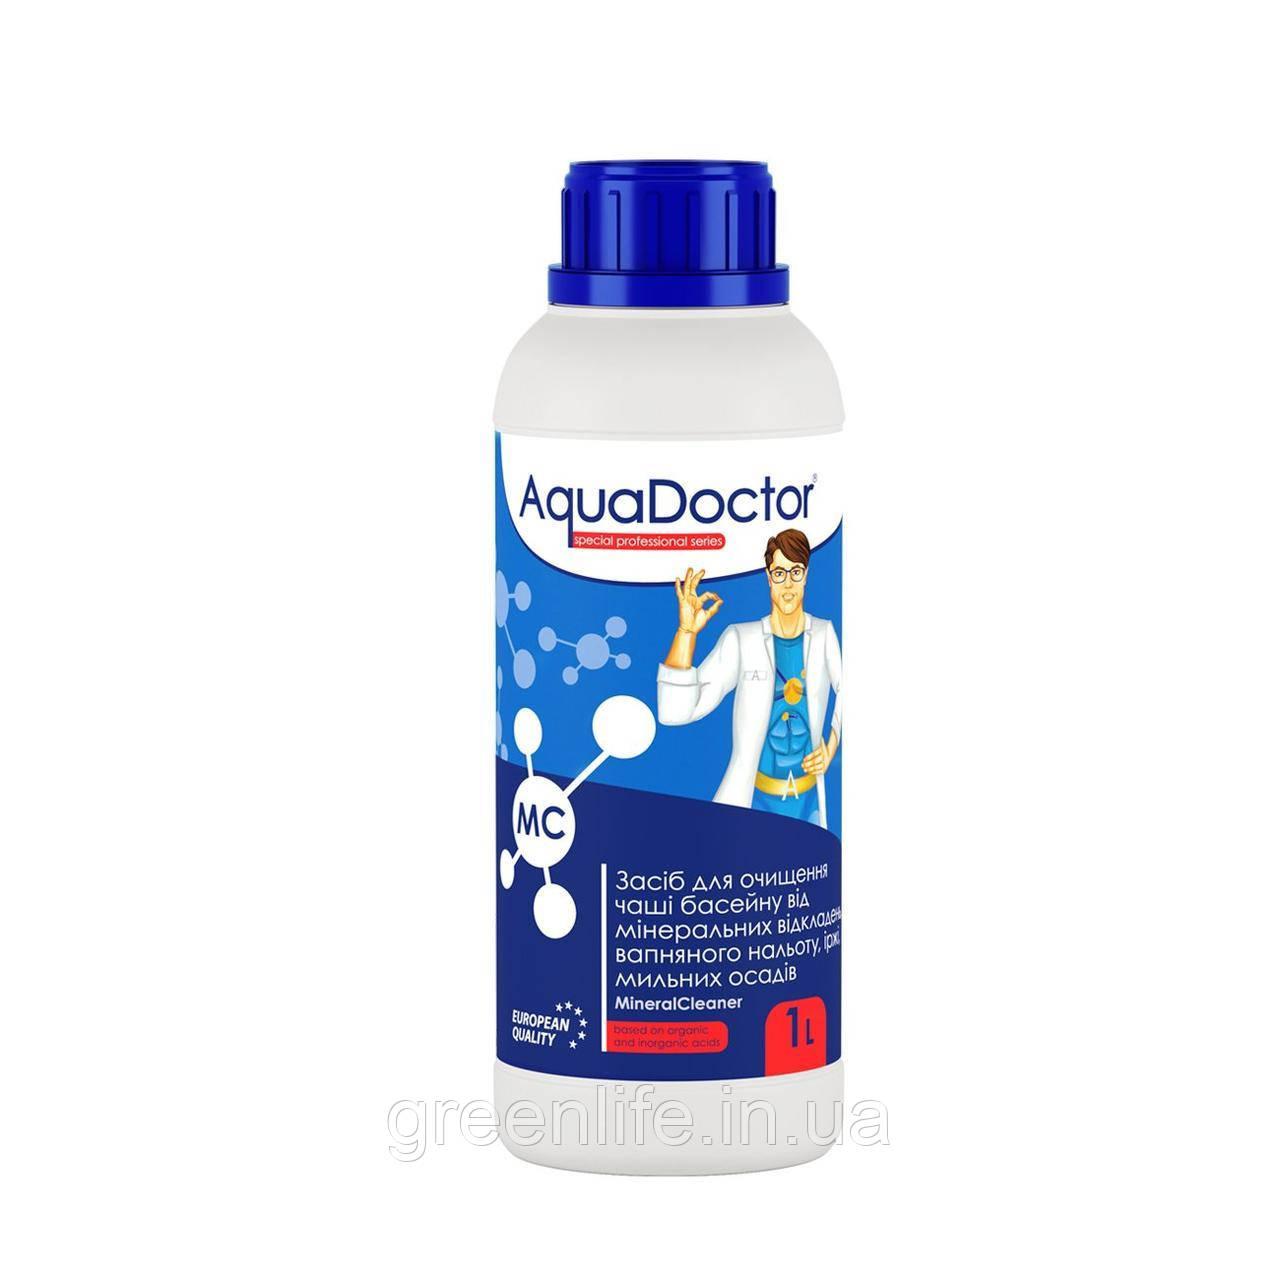 Засіб для очищення чаші AquaDoctor MC MineralCleaner, Аквадоктор, 5л